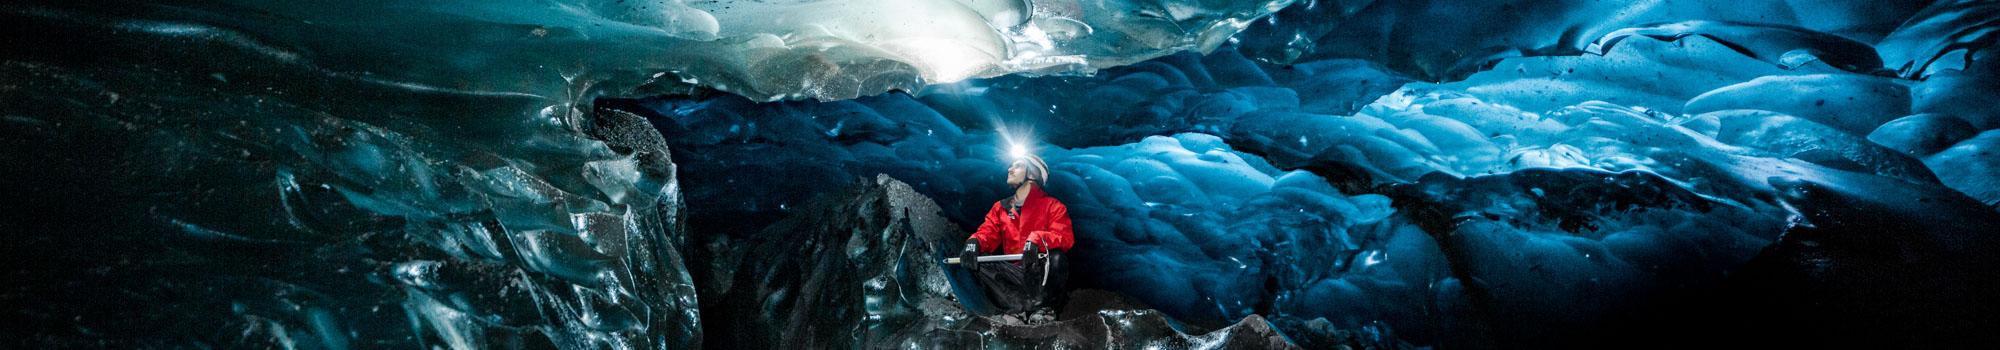 Excursion Grotte de Glace À l'Intérieur du Glacier en Islande